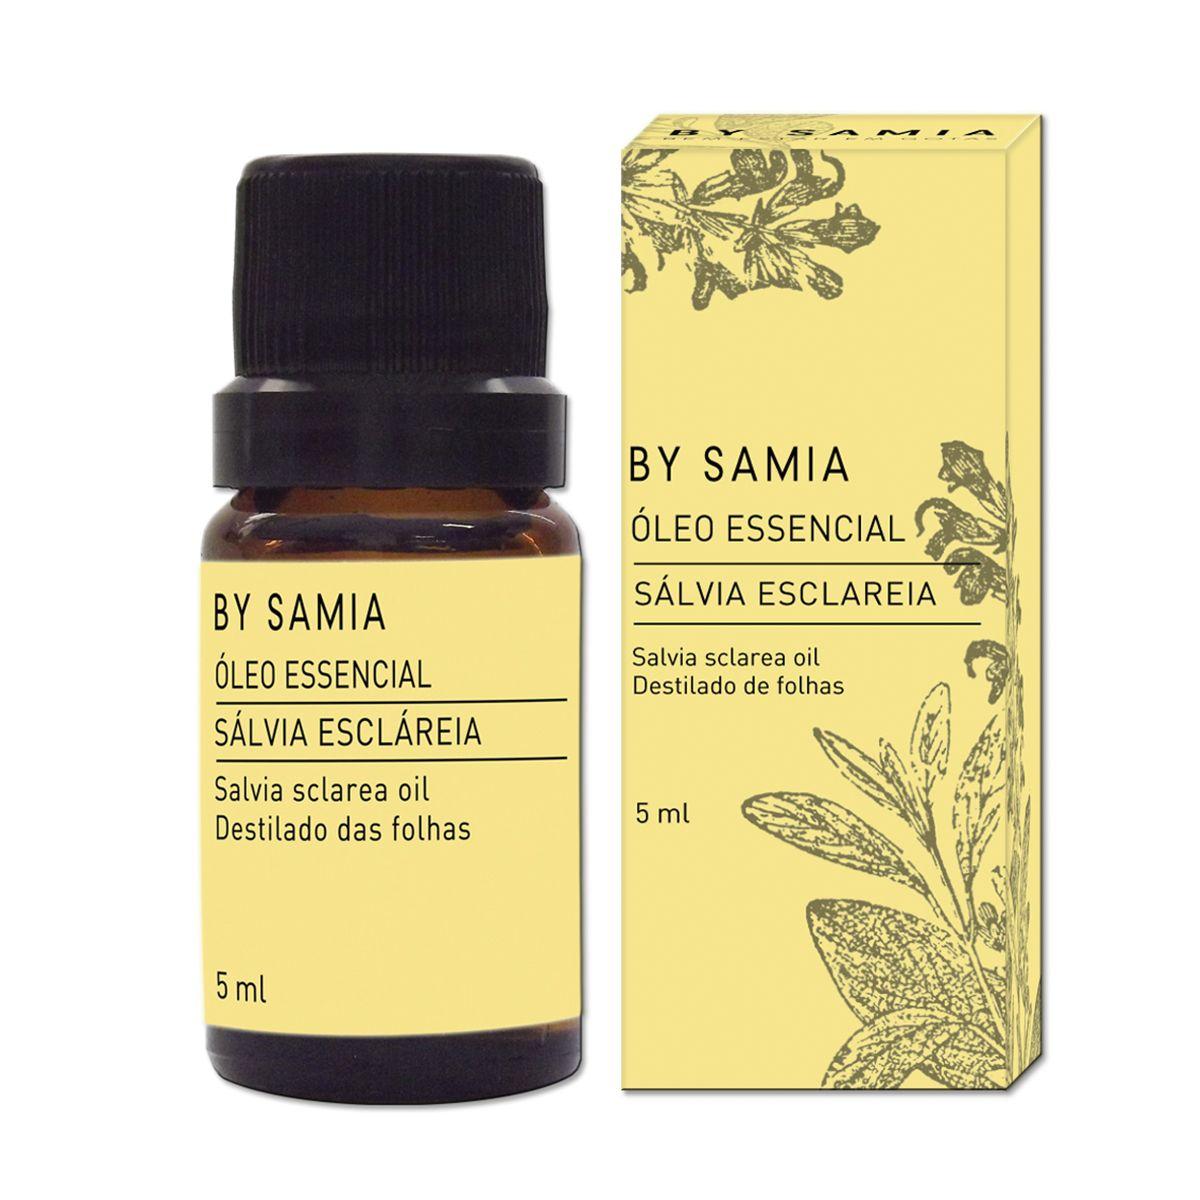 Óleo Essencial de Sálvia Escláreia 5ml By Samia